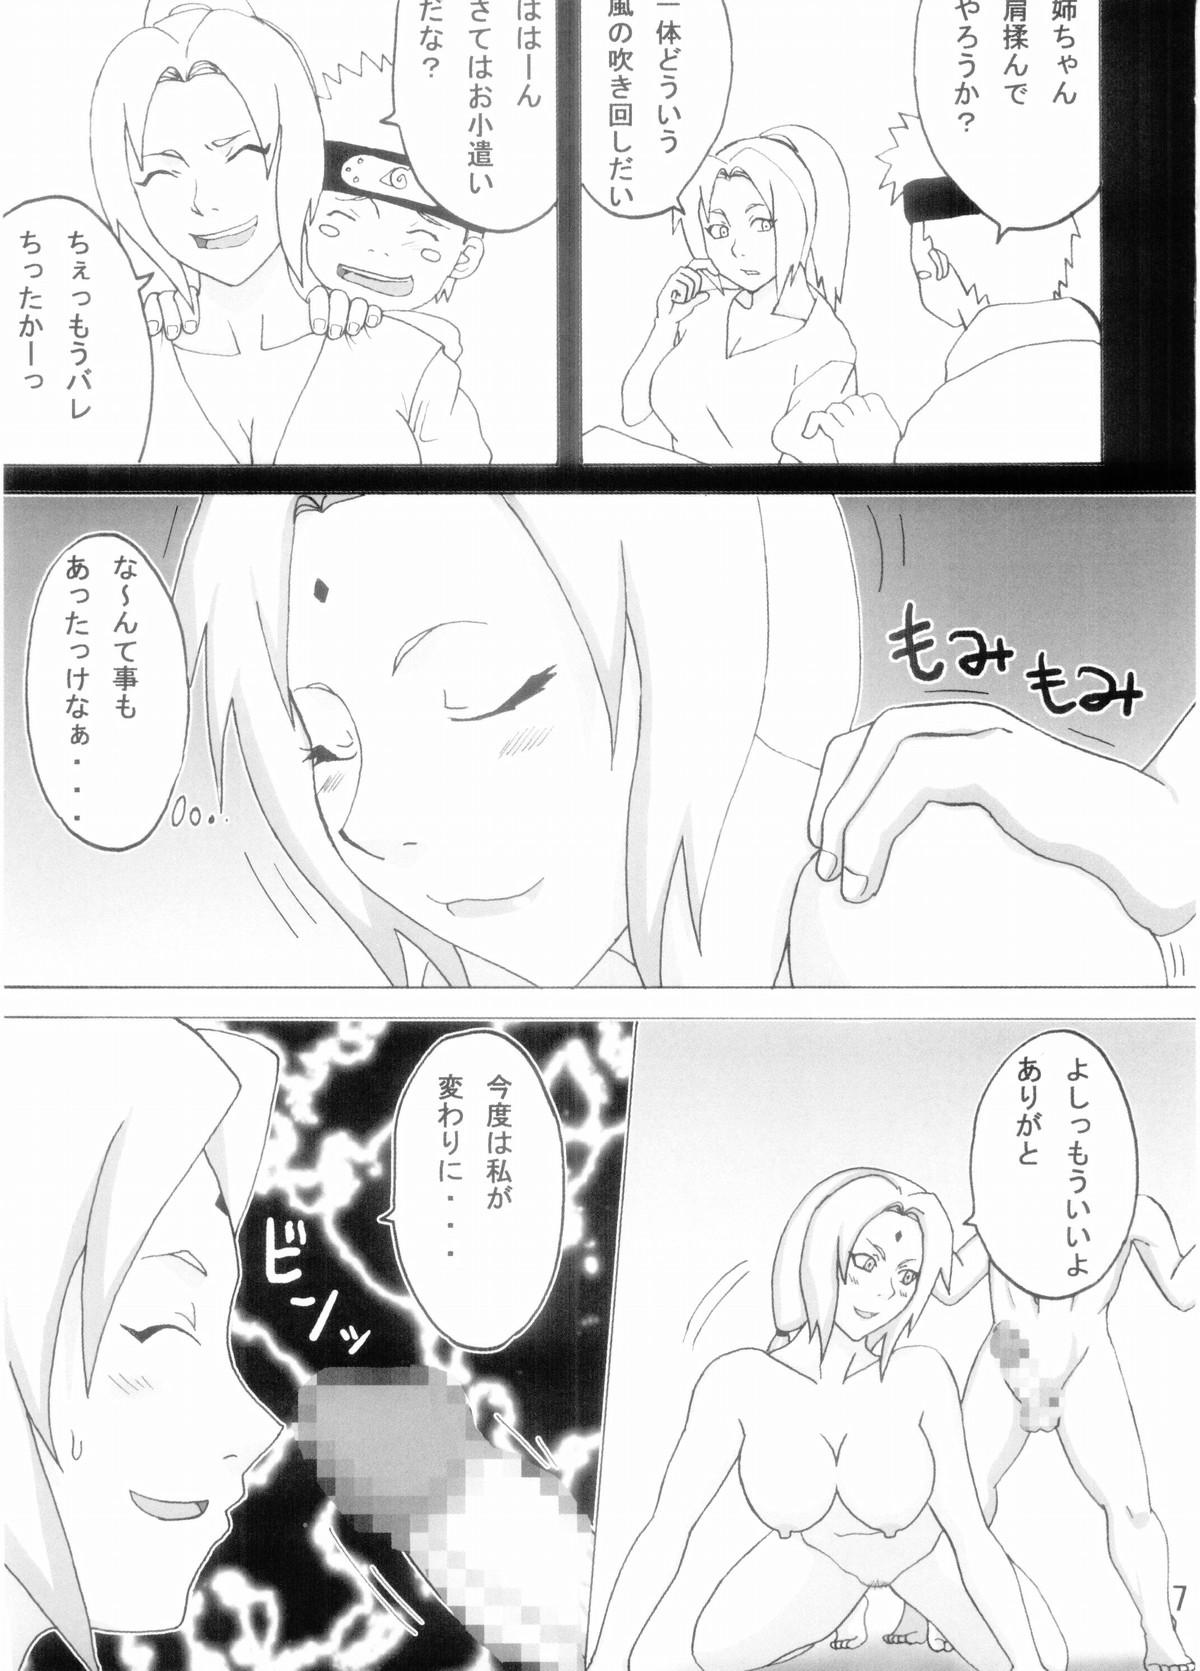 Kibun wa mou Onsen (Japanese) - page07 Naruto,  xxx porn rule34